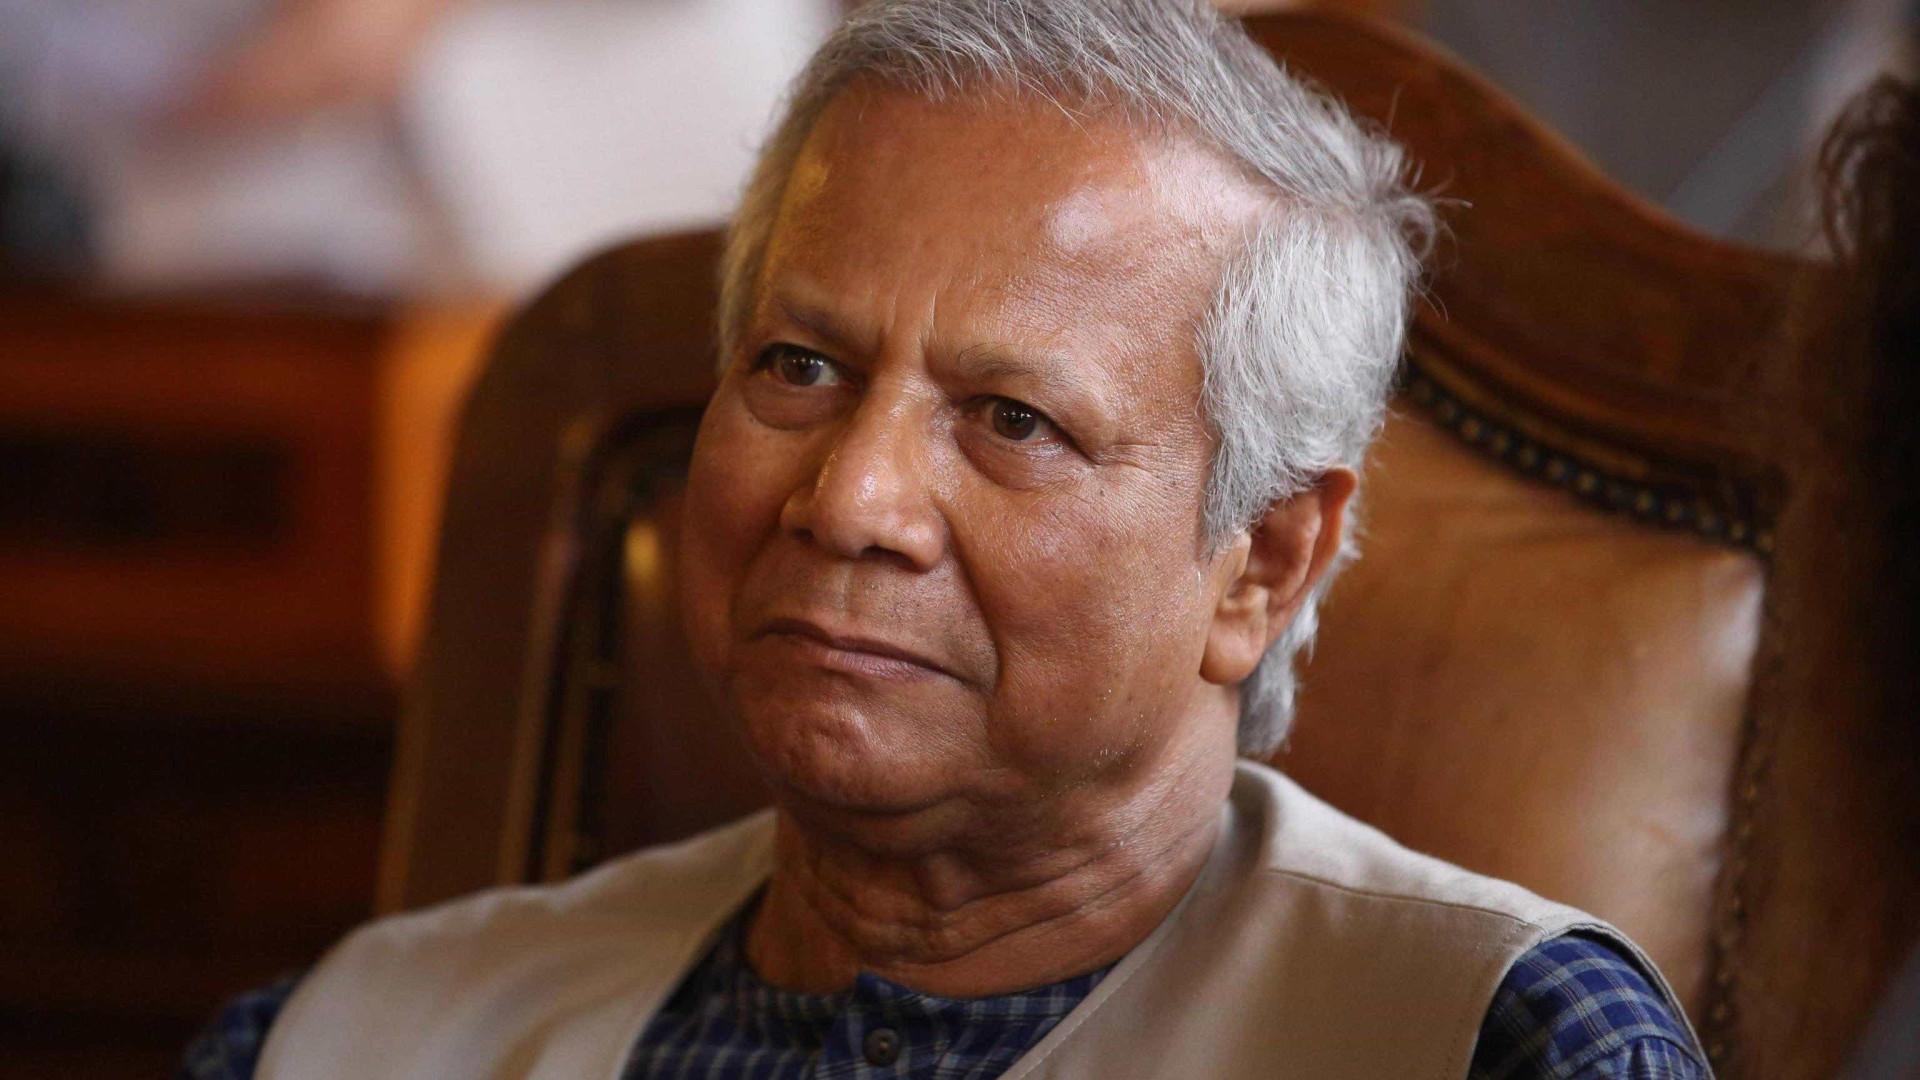 Cerca de 30 personalidades em defesa dos rohingyas